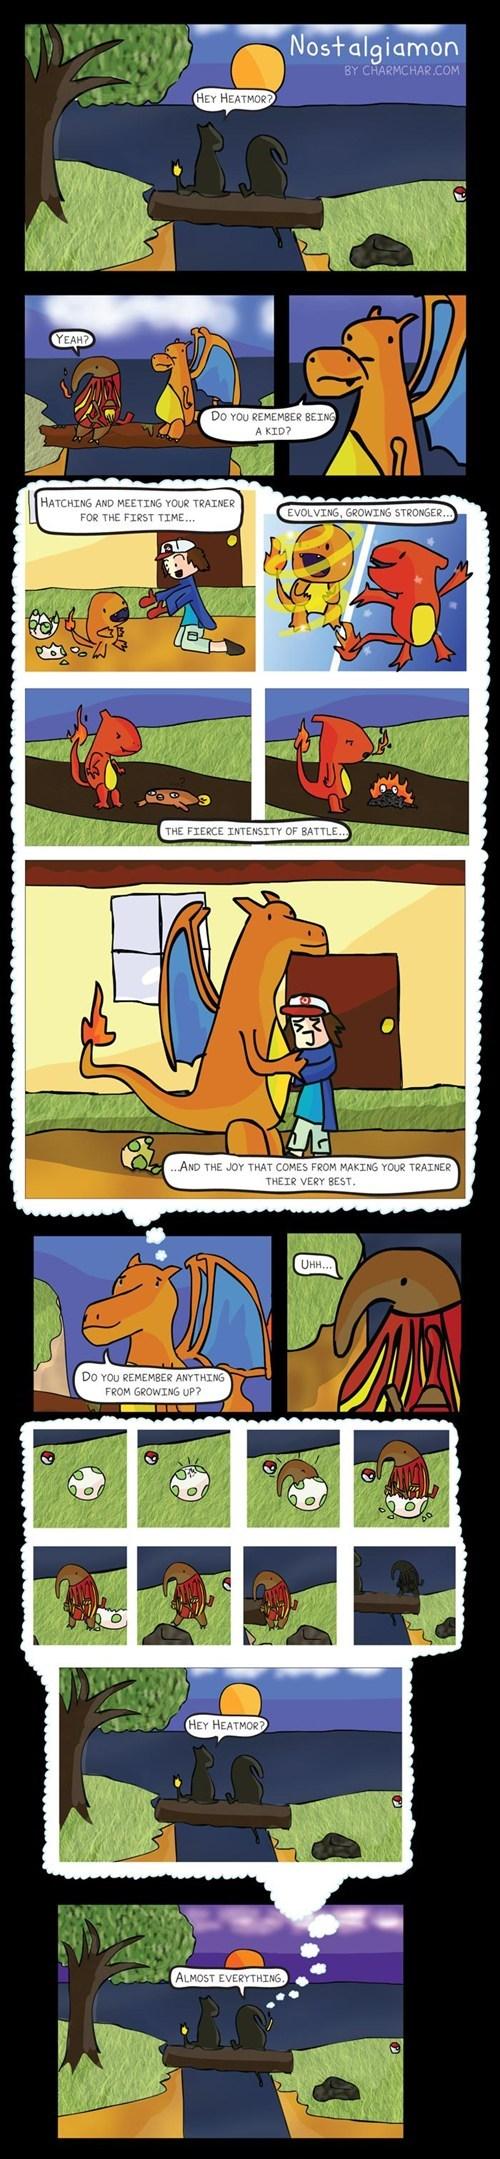 Pokémon charizard nostalgia comics heatmor - 7387455488